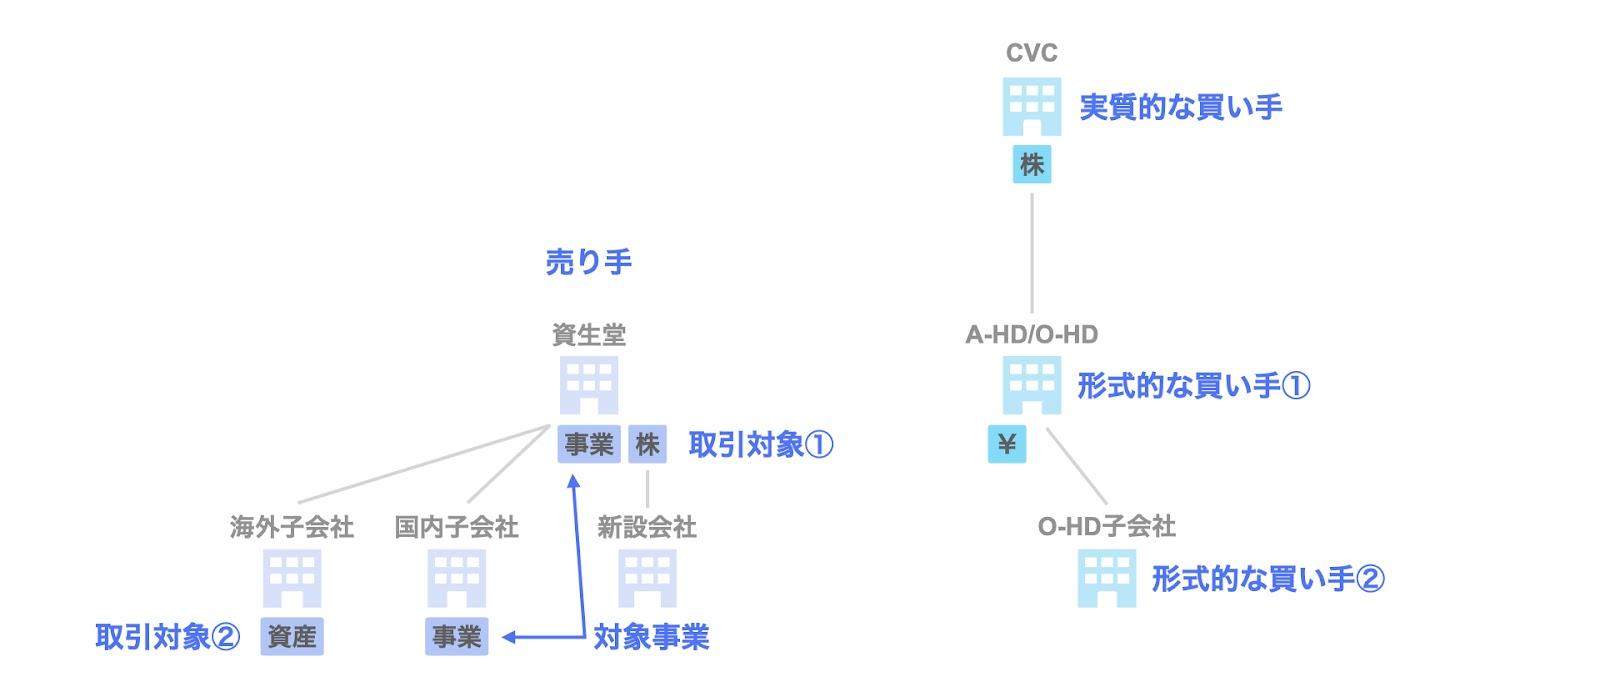 投資事例:CVCによる資生堂パーソナルケア事業への投資の関係者